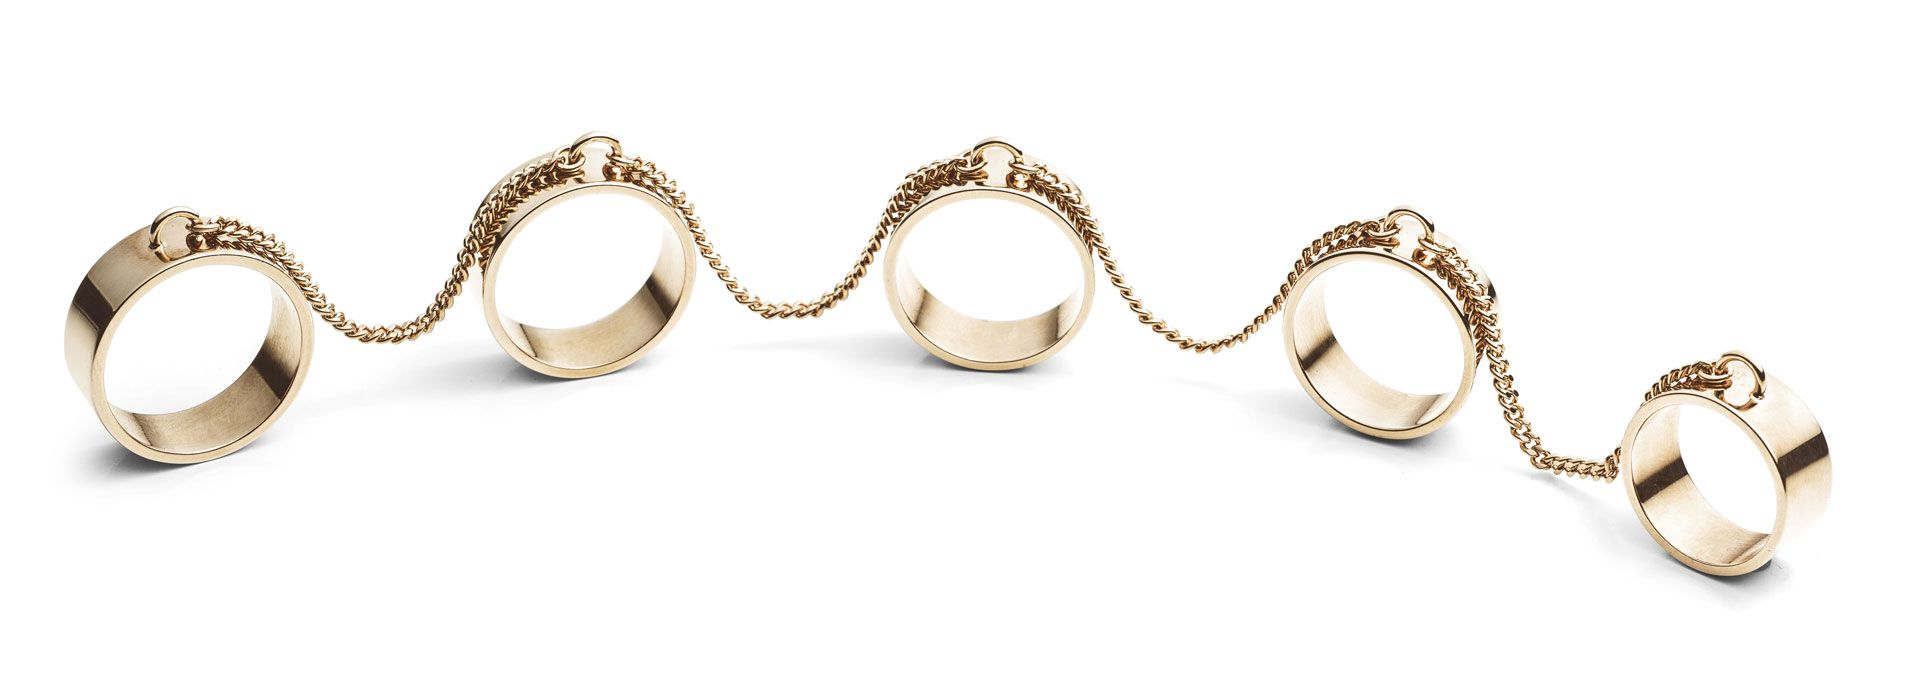 Ring Set, $300, Eddie Borgo; saks.com.   - MarieClaire.com